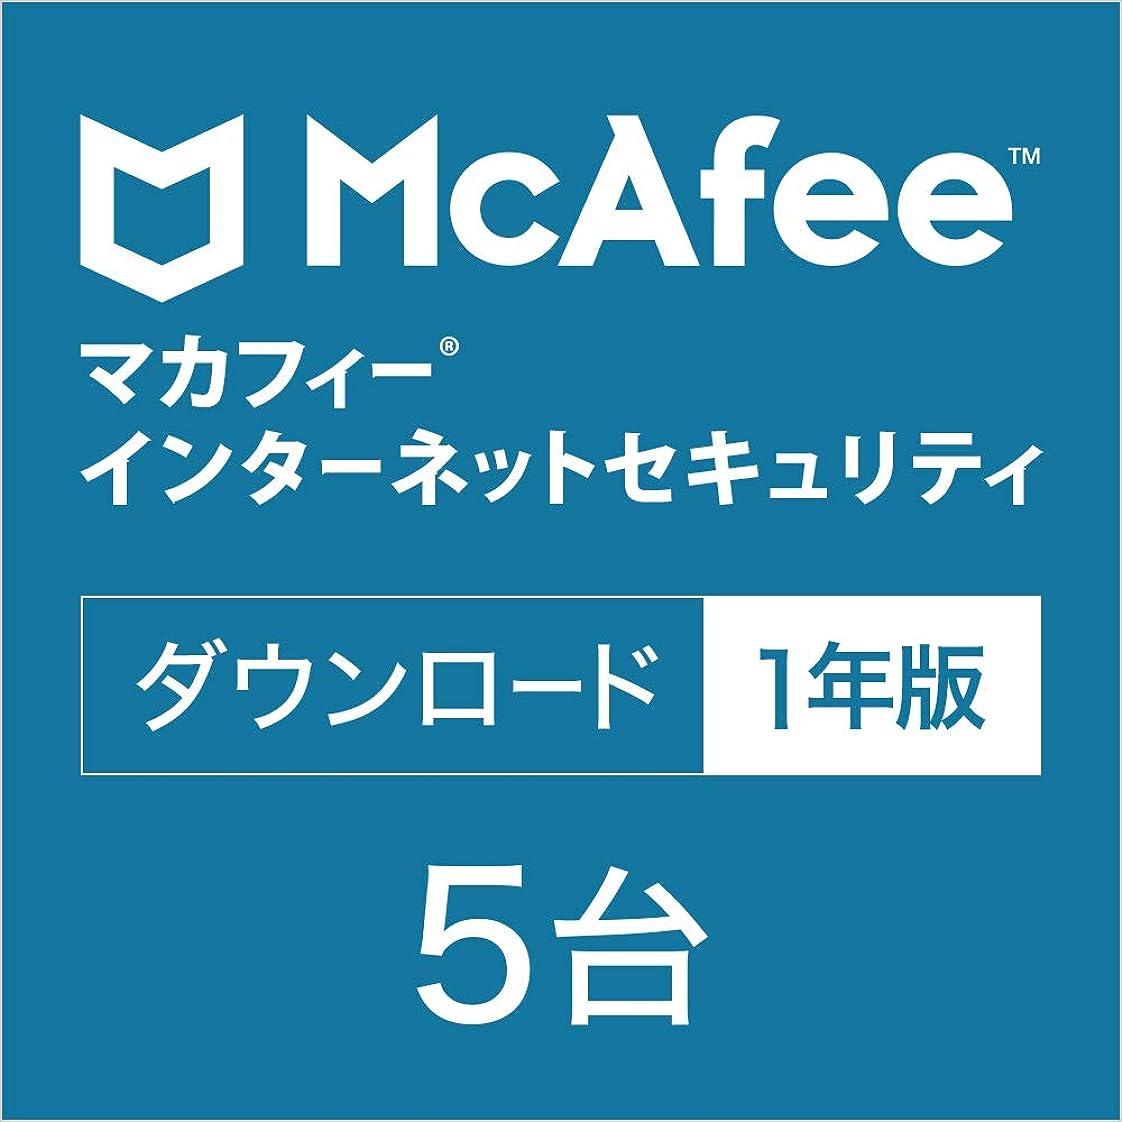 雑草送る母音マカフィー インターネットセキュリティ (5台/1年用) セキュリティソフト ウィルス対策 進化型マルウェア対策|オンラインコード版|Windows/Mac/iOS/Android対応